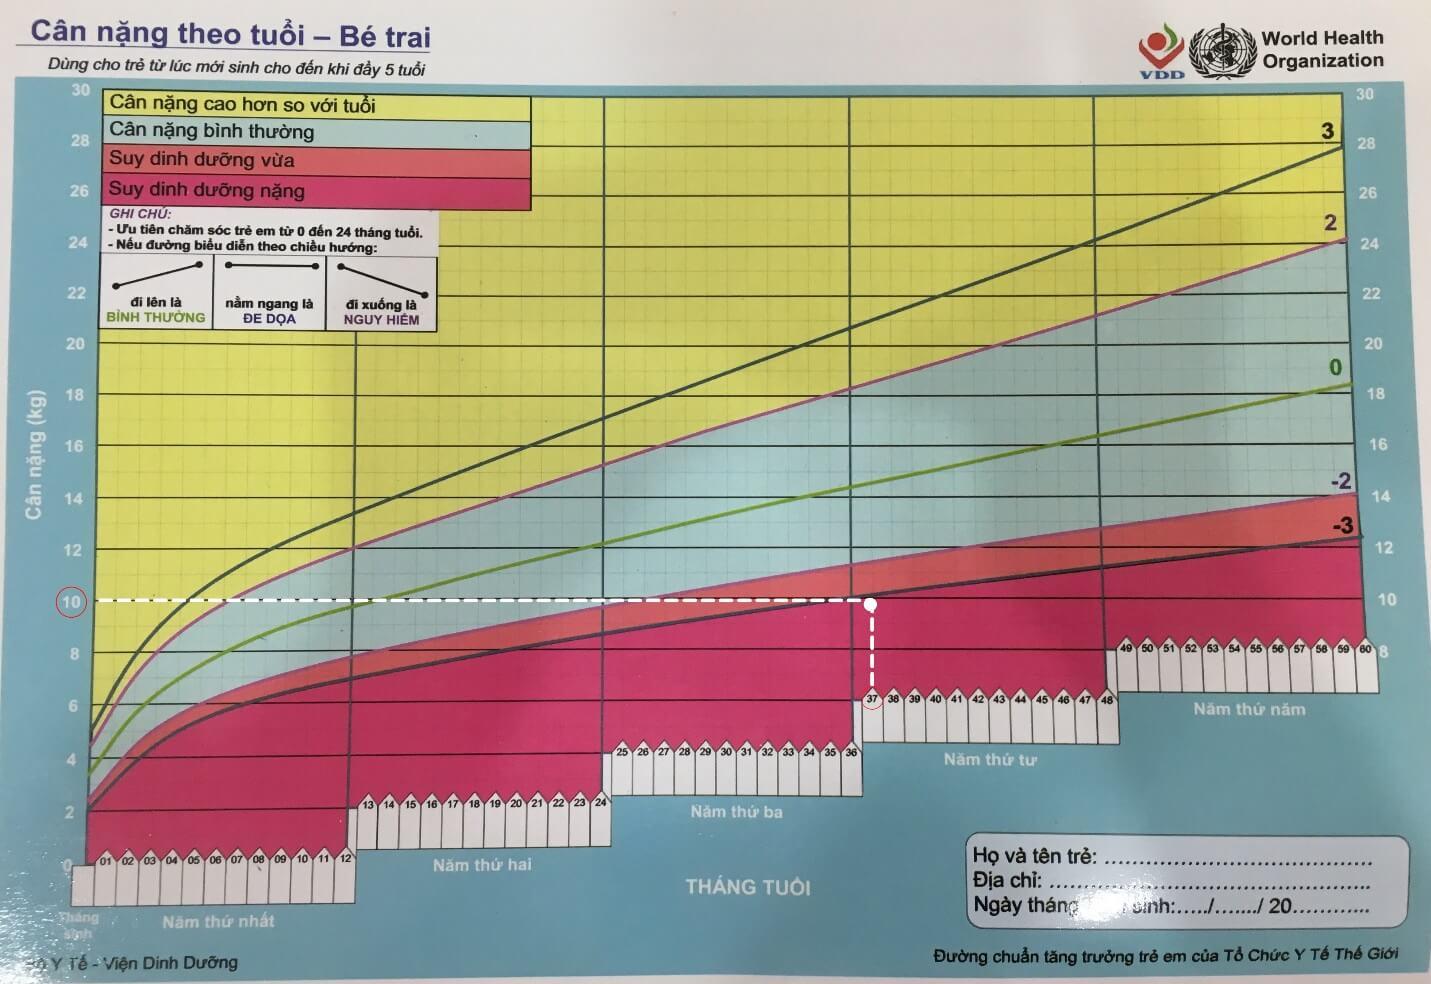 Bảng đánh giá cân nặng theo tuổi ở trẻ trai